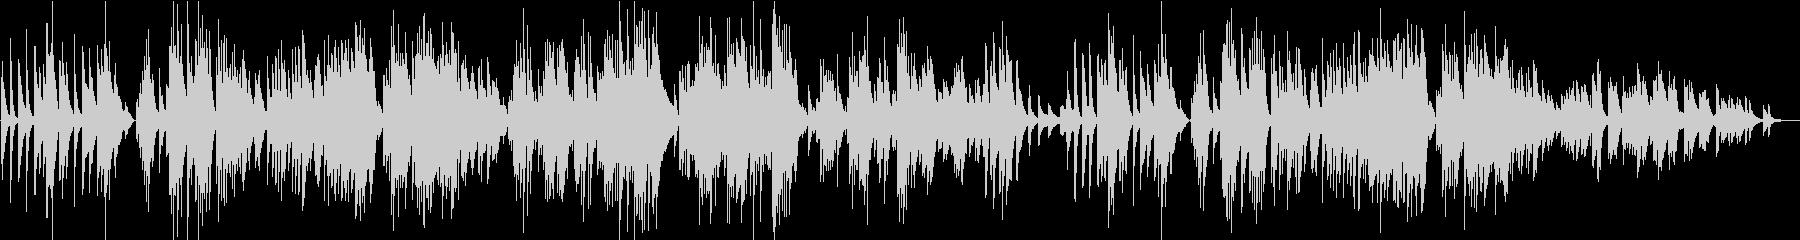 10月 秋の歌/チャイコフスキー・アコギの未再生の波形